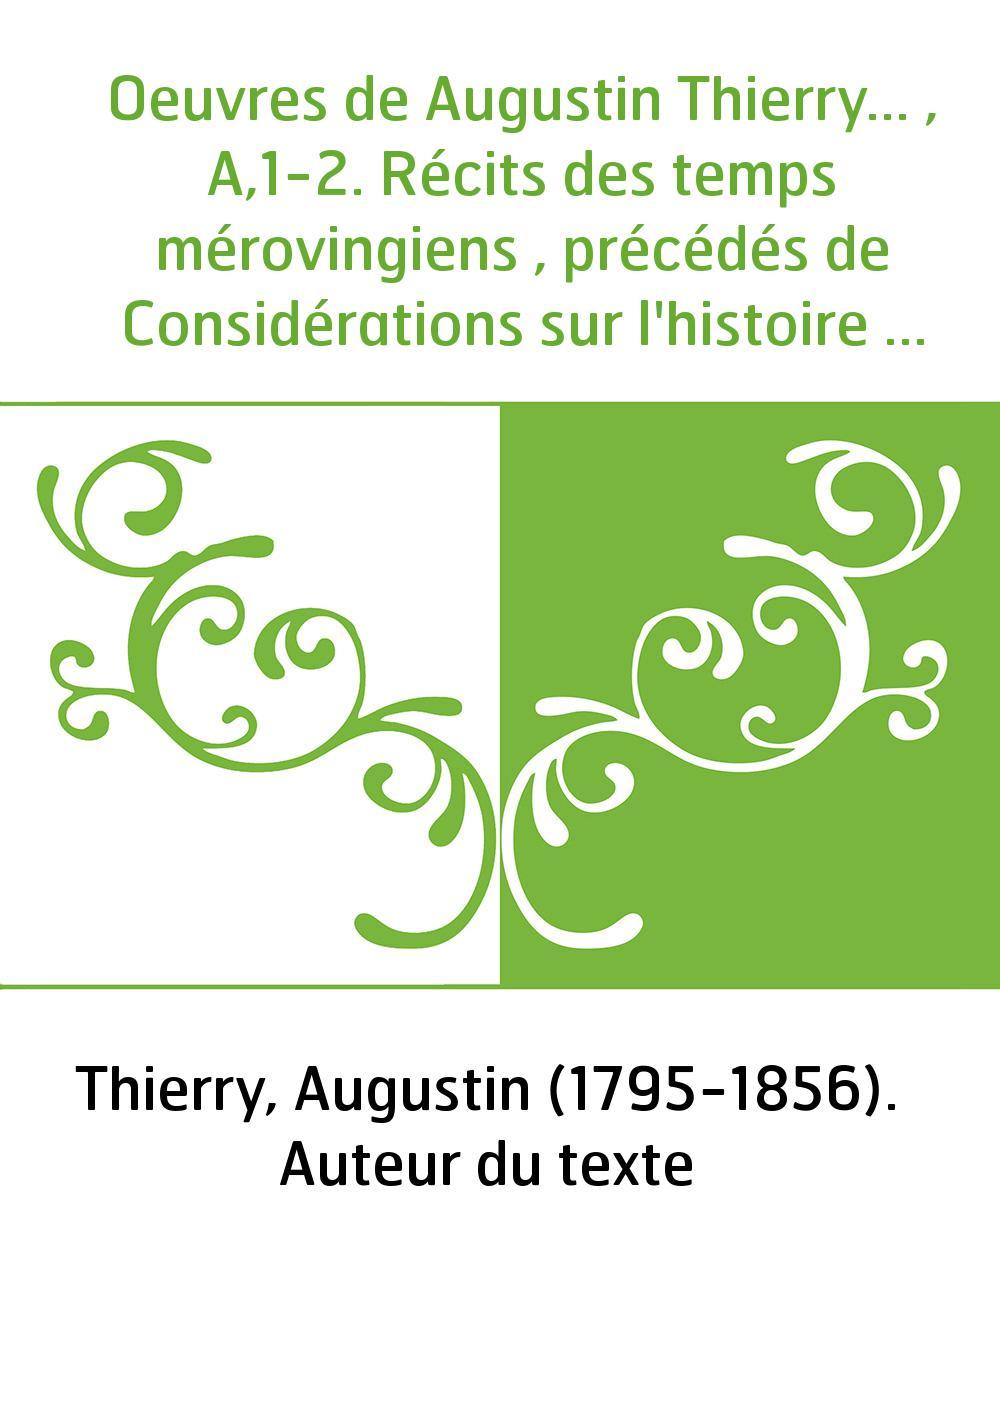 Oeuvres de Augustin Thierry... , A,1-2. Récits des temps mérovingiens , précédés de Considérations sur l'histoire de France. Tom